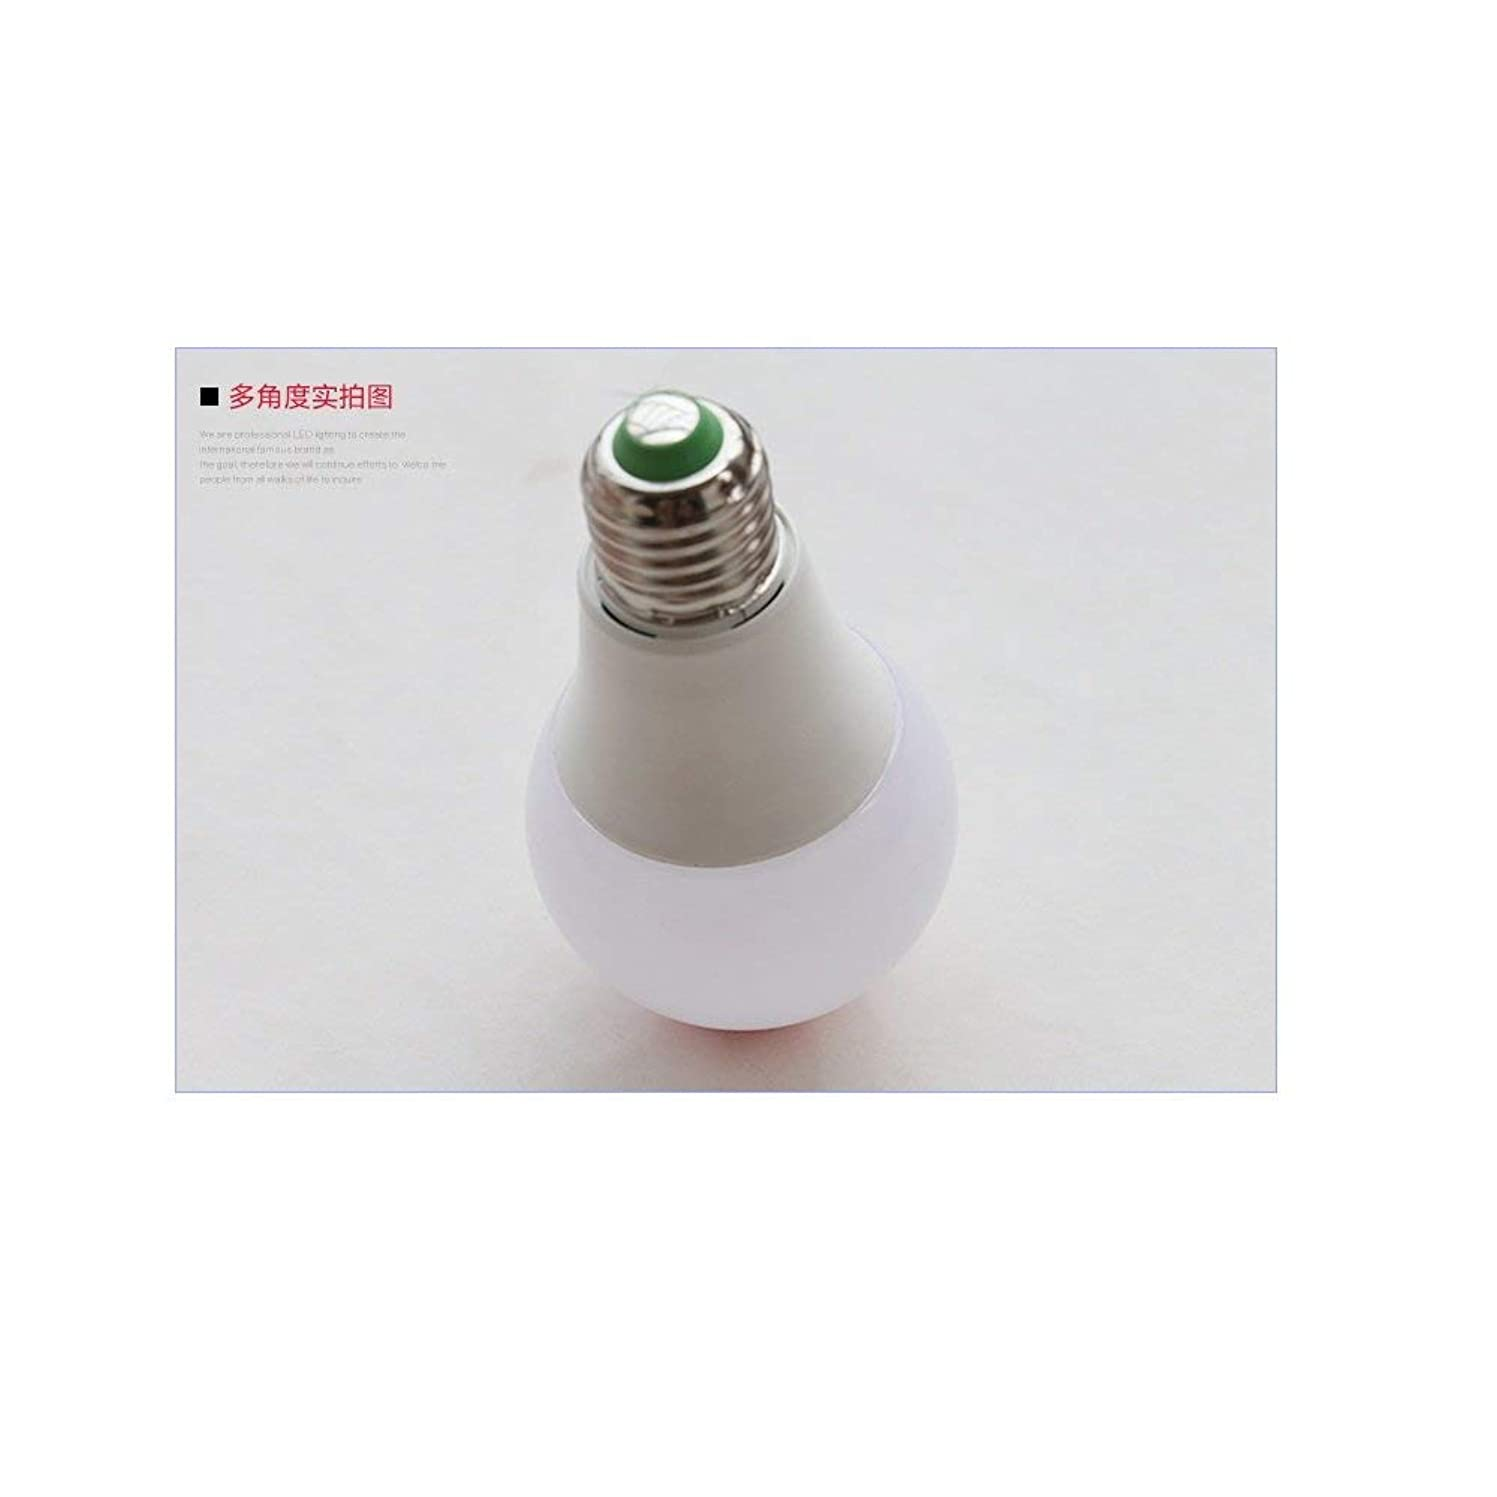 施設おびえた手配するSimg 7W/9W 室内センサーライト 人感センサー LED電球 夜灯 昼白色 80W相当 搭載明暗センサー 自動点灯/消灯 搭載レーダー探知機付 省エネ 防犯 (9W)